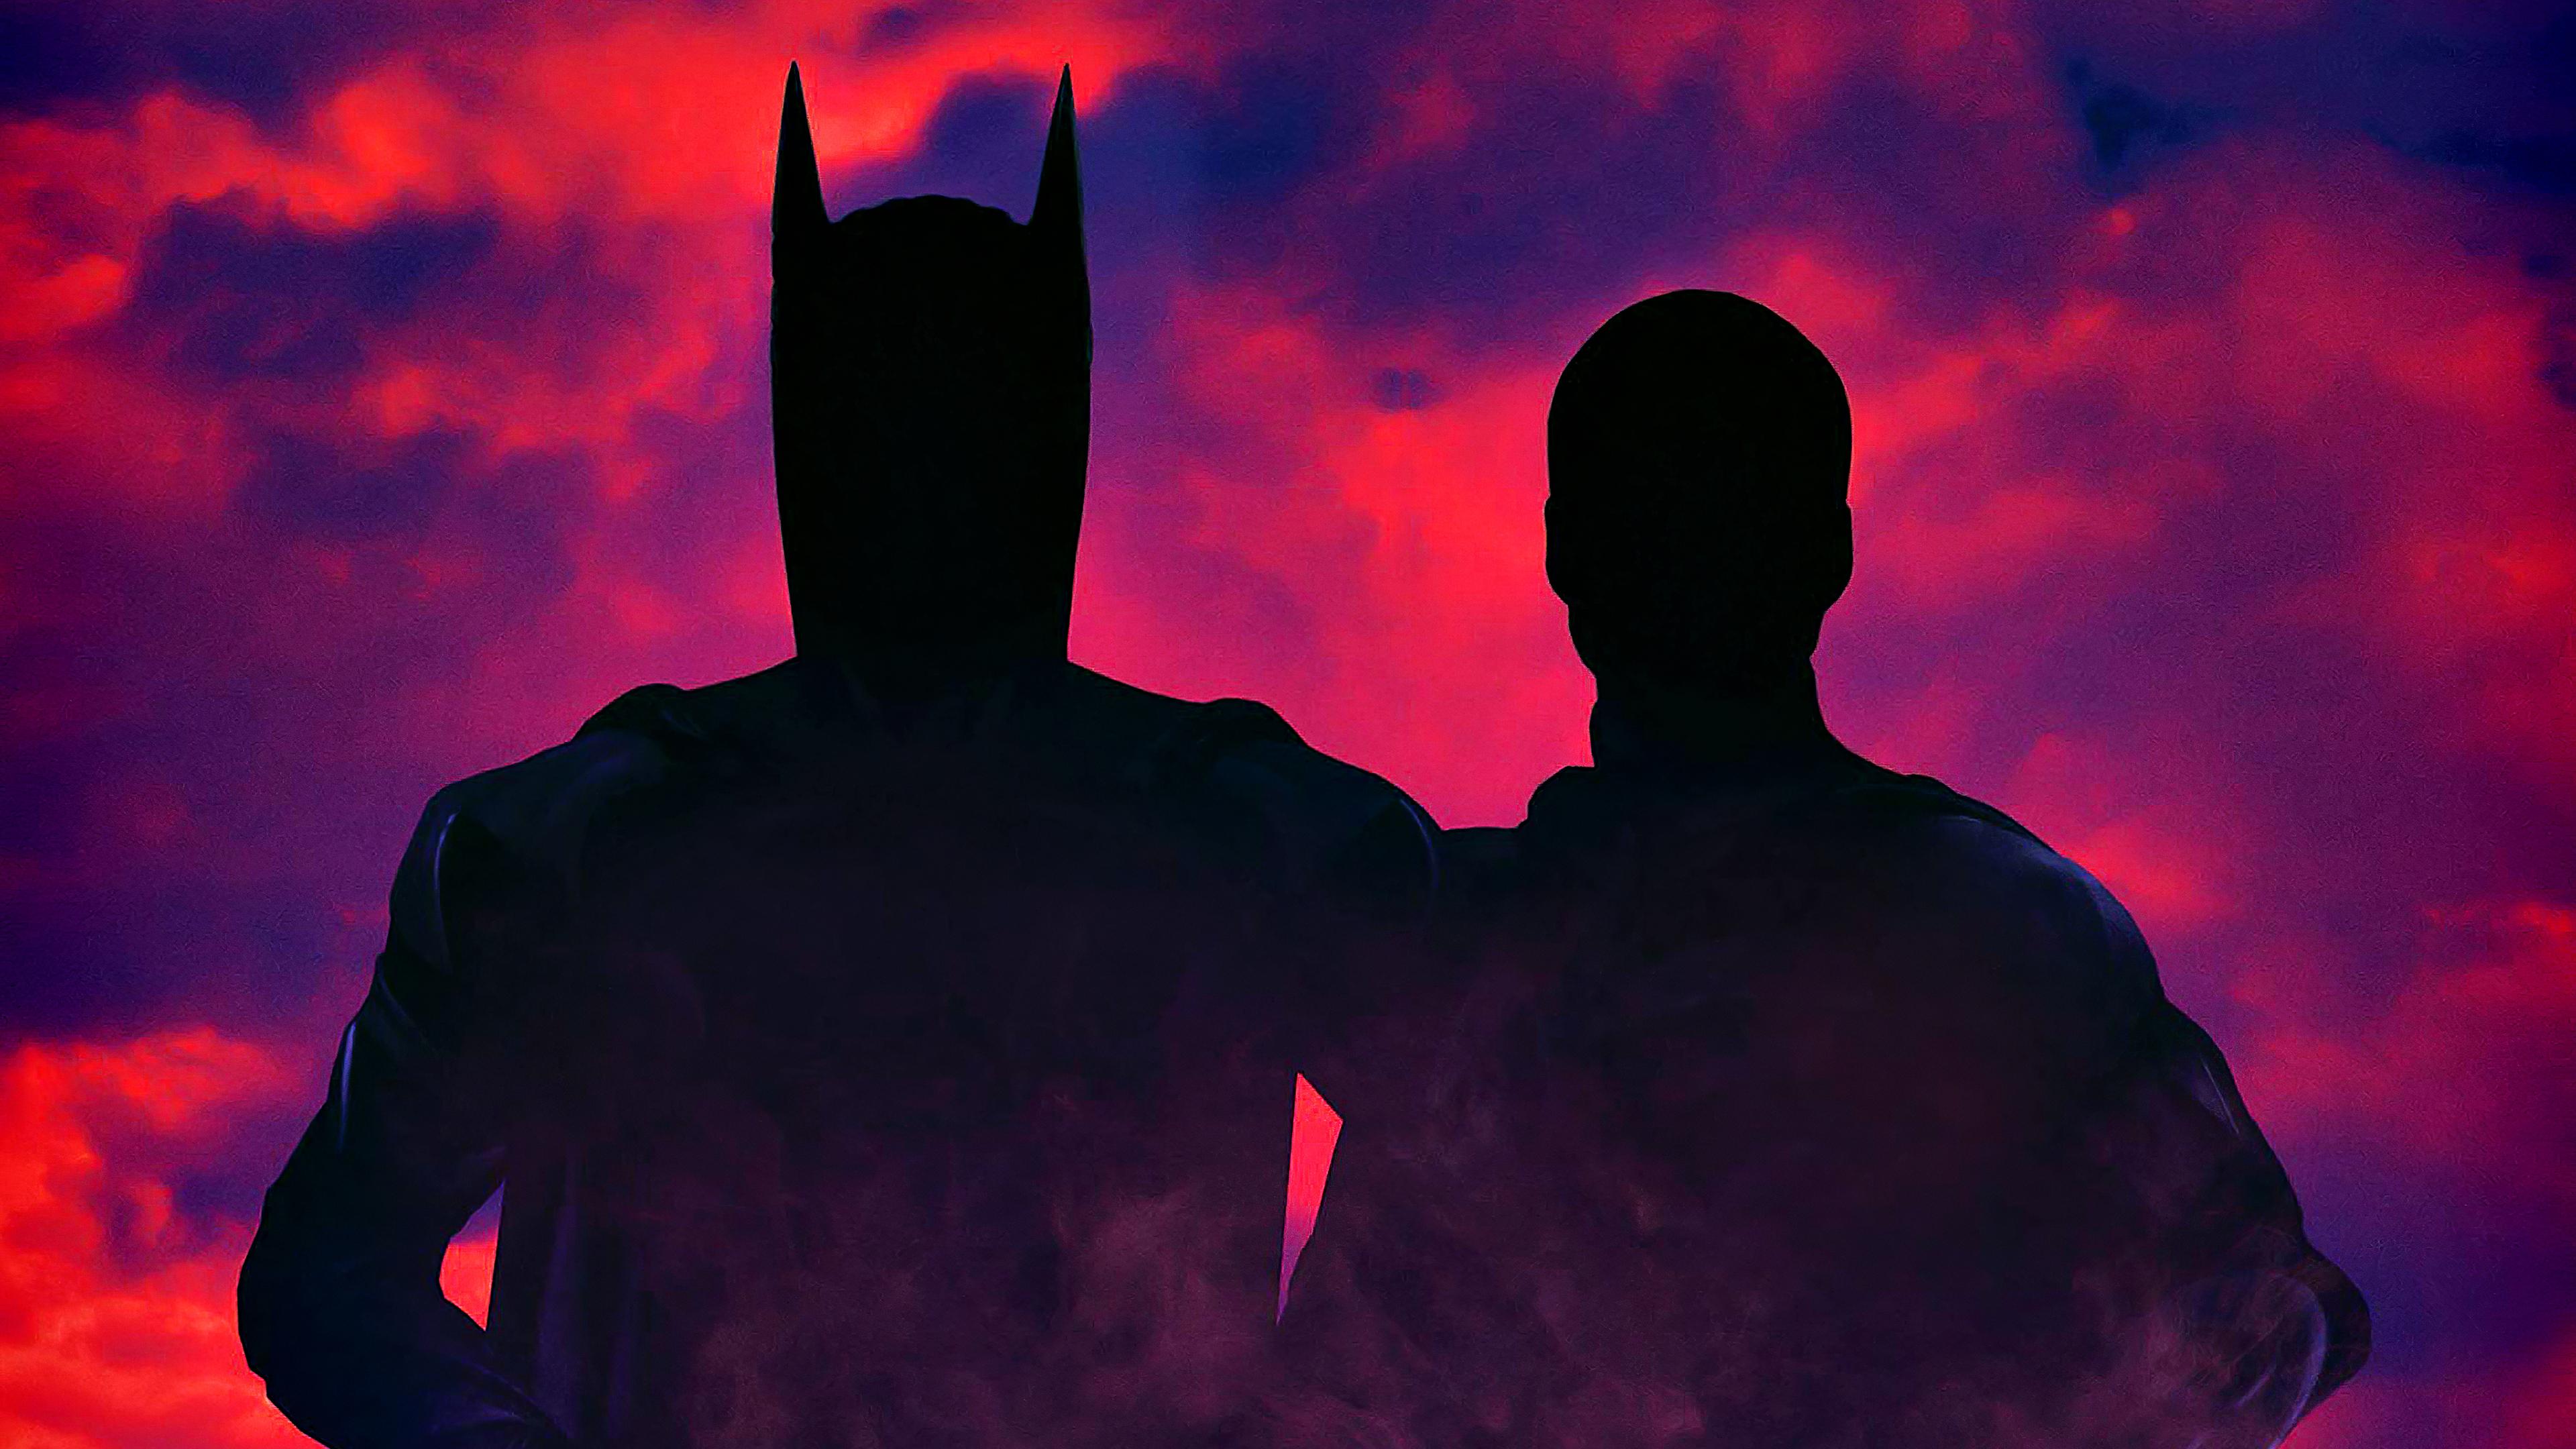 batman and robin 1997 1575659387 - Batman And Robin 1997 -